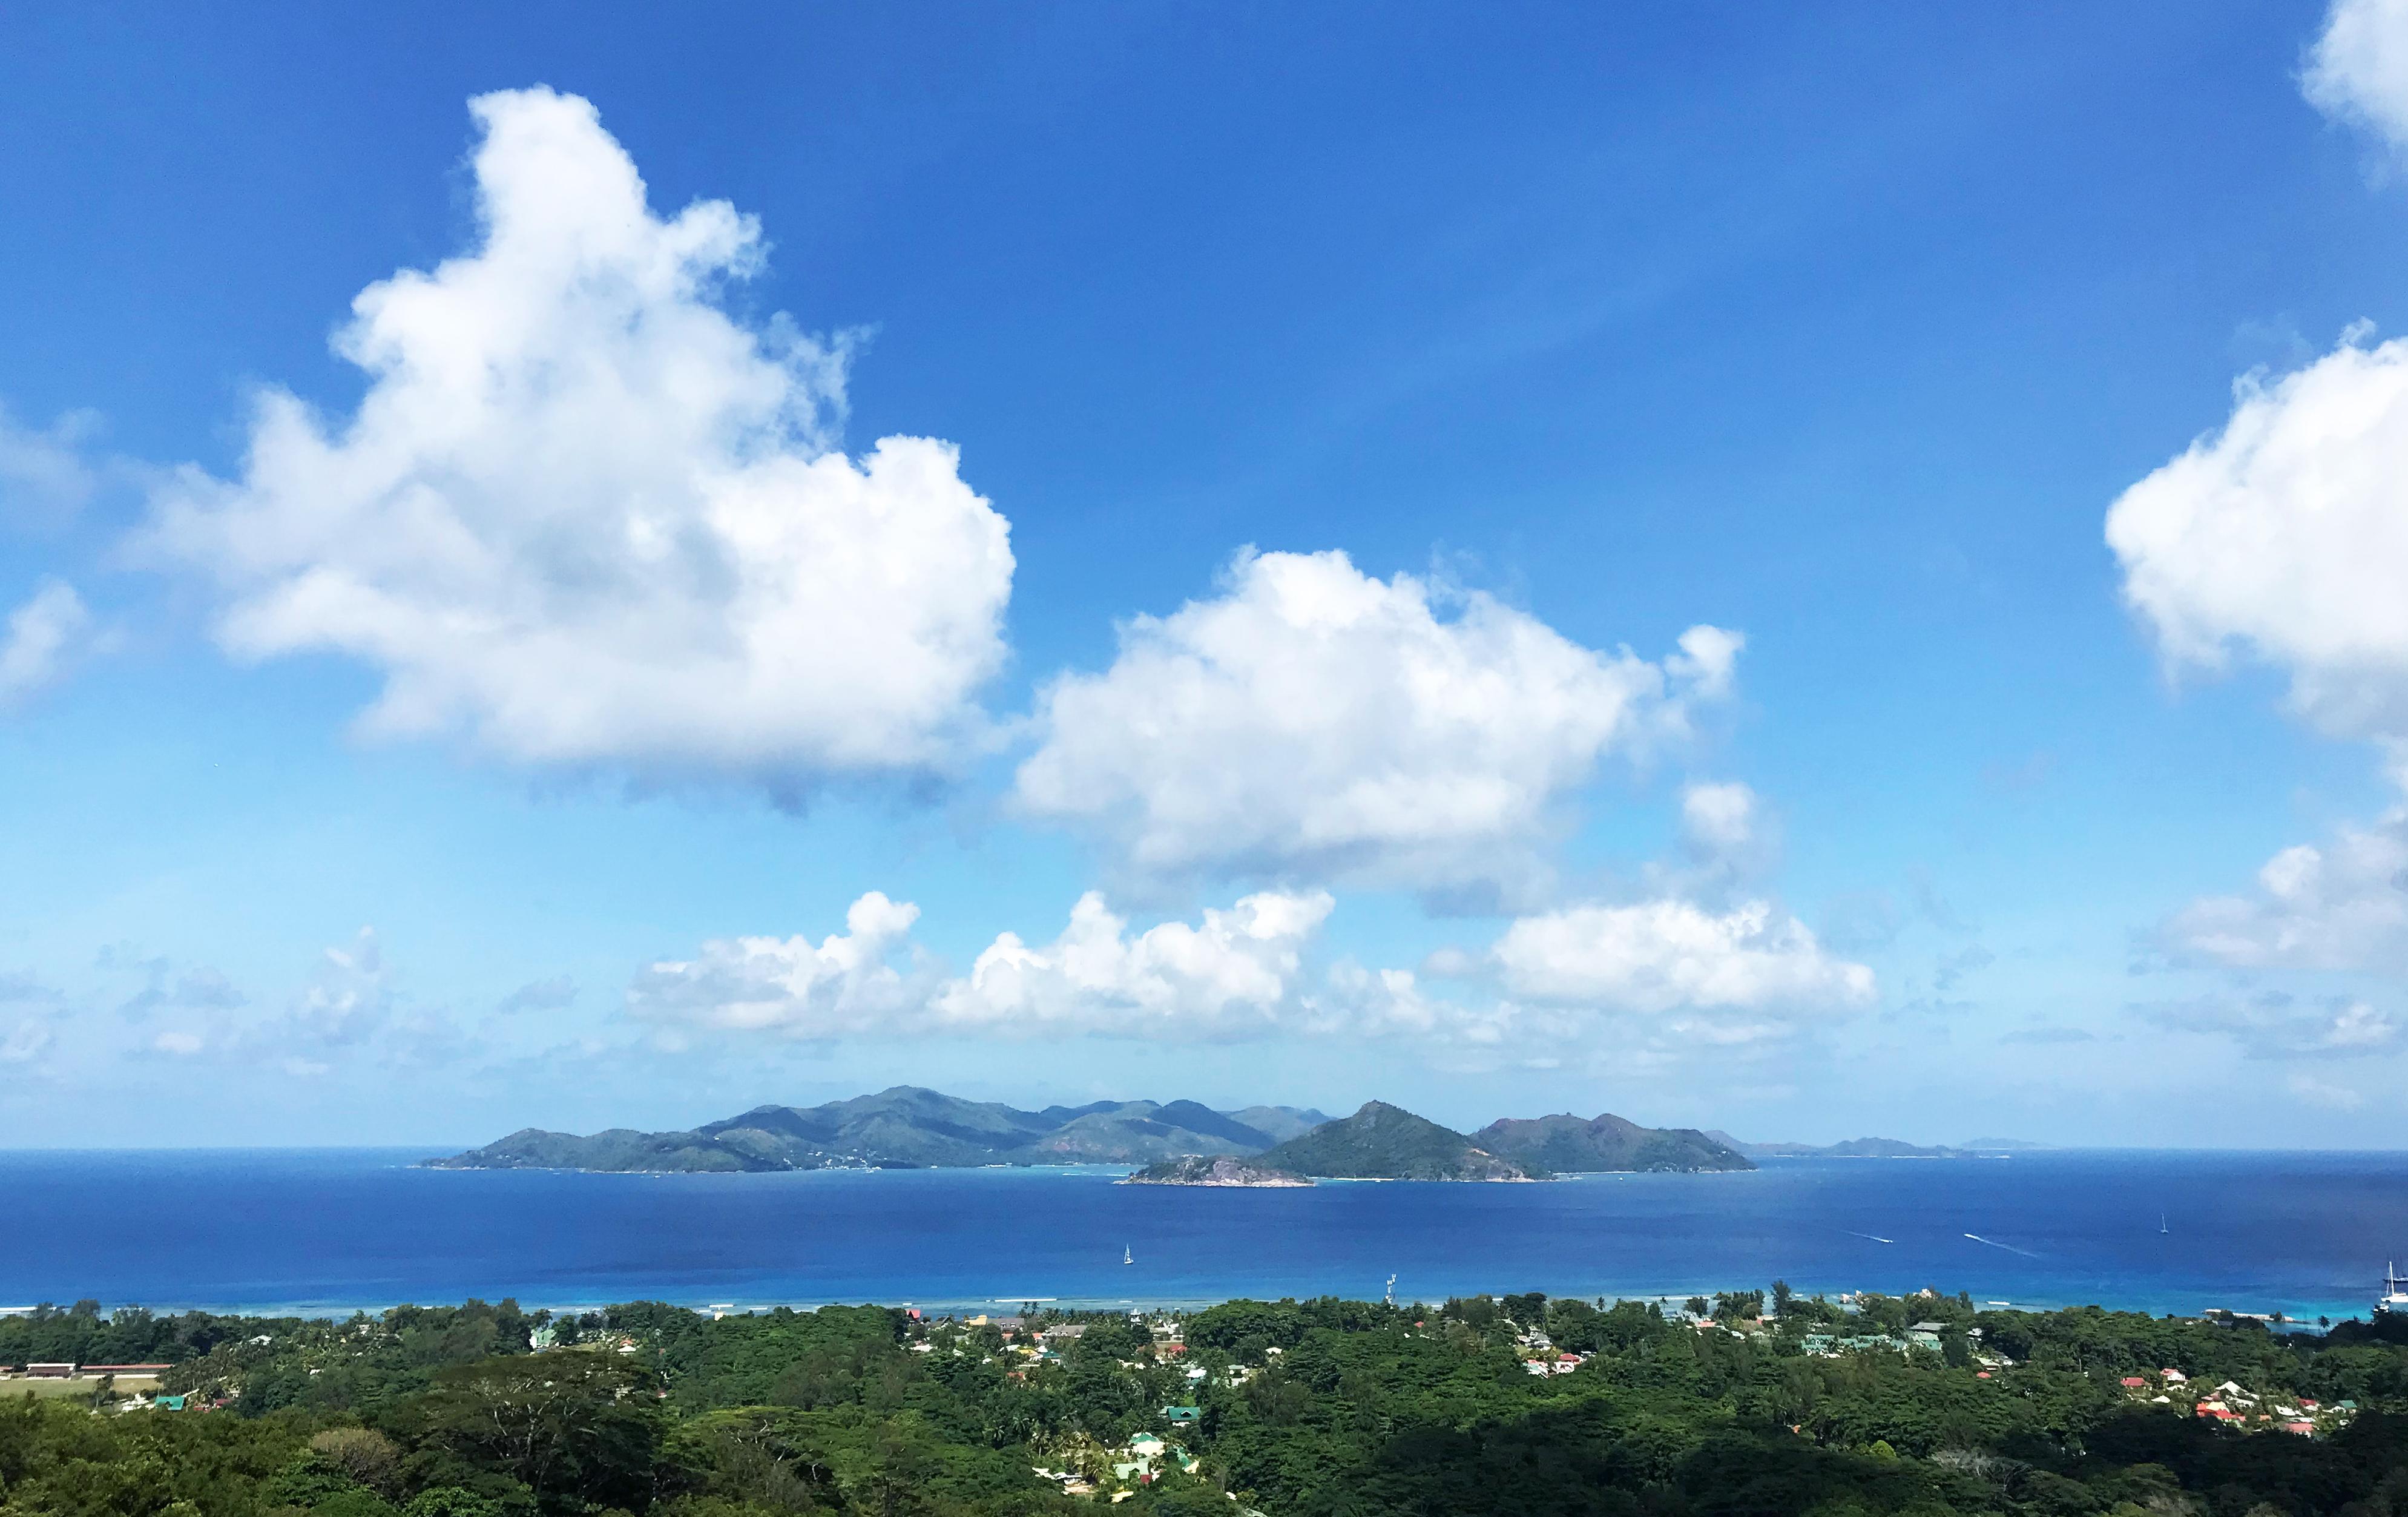 Лучший пляж в мире, черепахи и кокосовый ром: зачем лететь на Сейшелы Лучший пляж в мире, черепахи и кокосовый ром. Зачем лететь на Сейшелы? img 1126